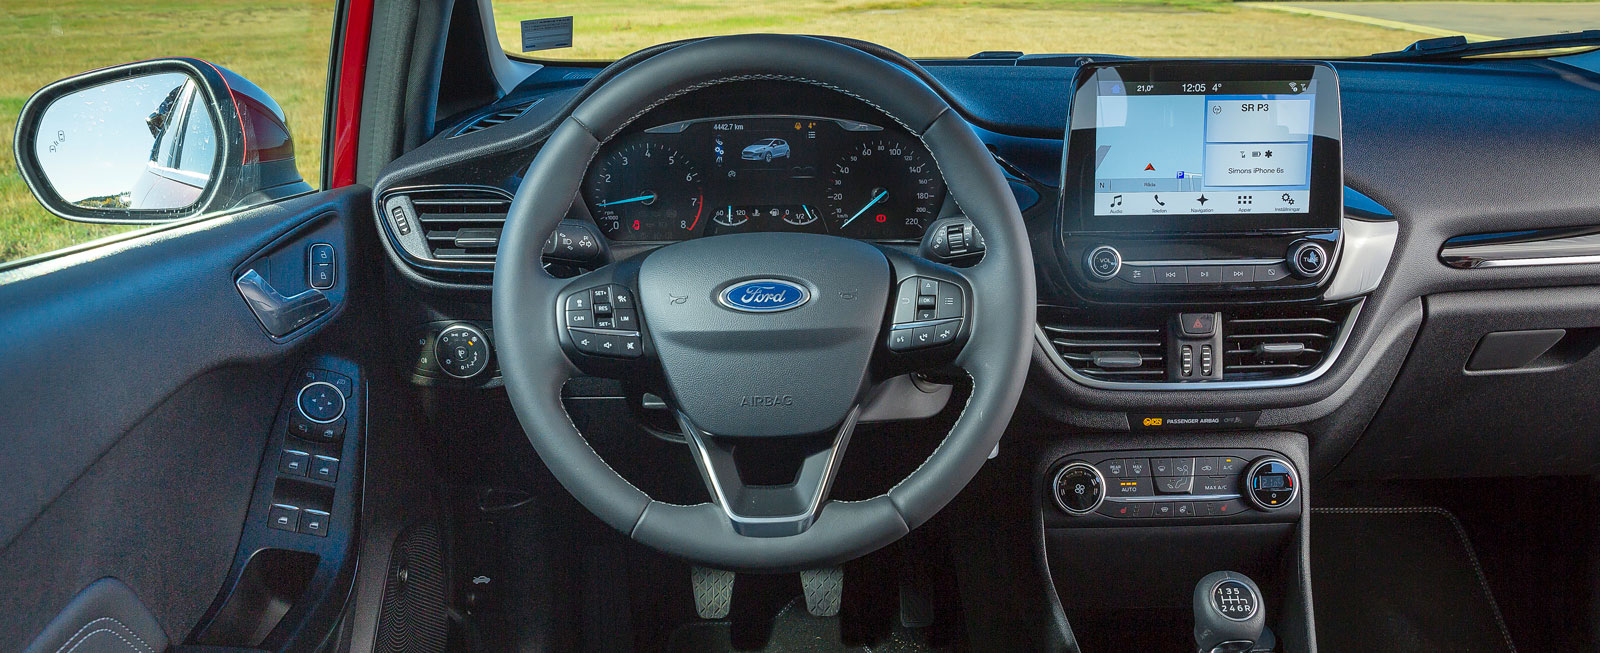 Ford har rensat hårt bland knapparna i förarmiljön, hälften är borta jämfört med gamla Fiesta. Samtidigt har detaljfinish och materialval vässats rejält.